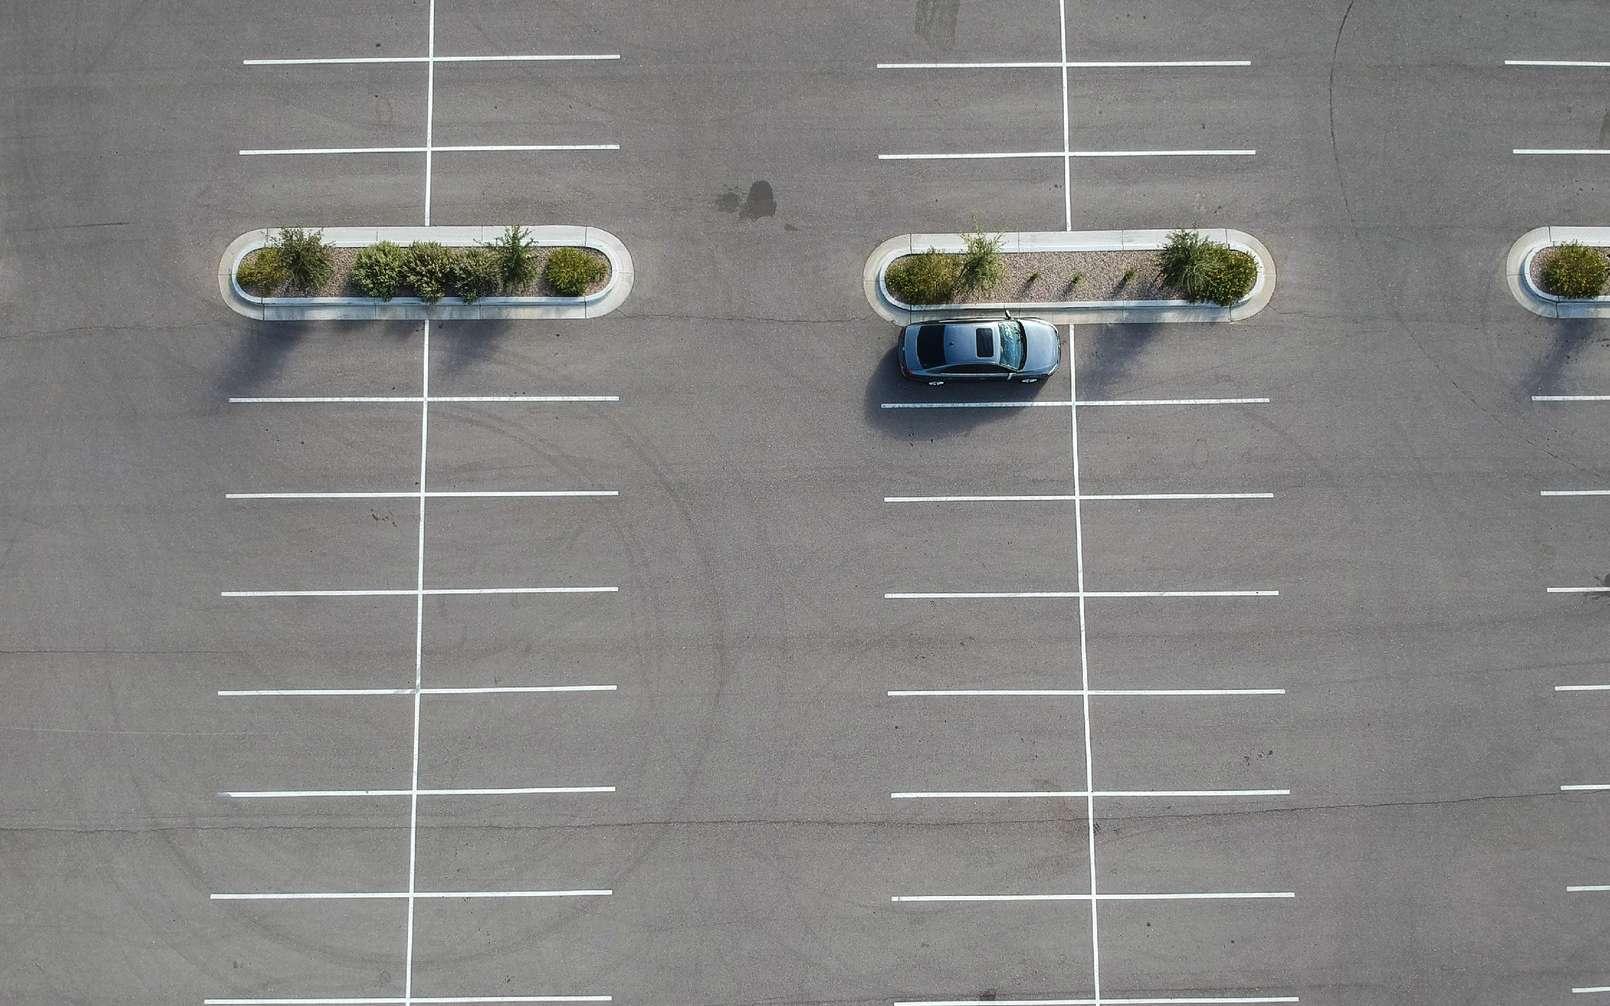 Les parkings deviendront-ils le nouvel eldorado des promoteurs immobiliers ? © Kokouu / Getty Images